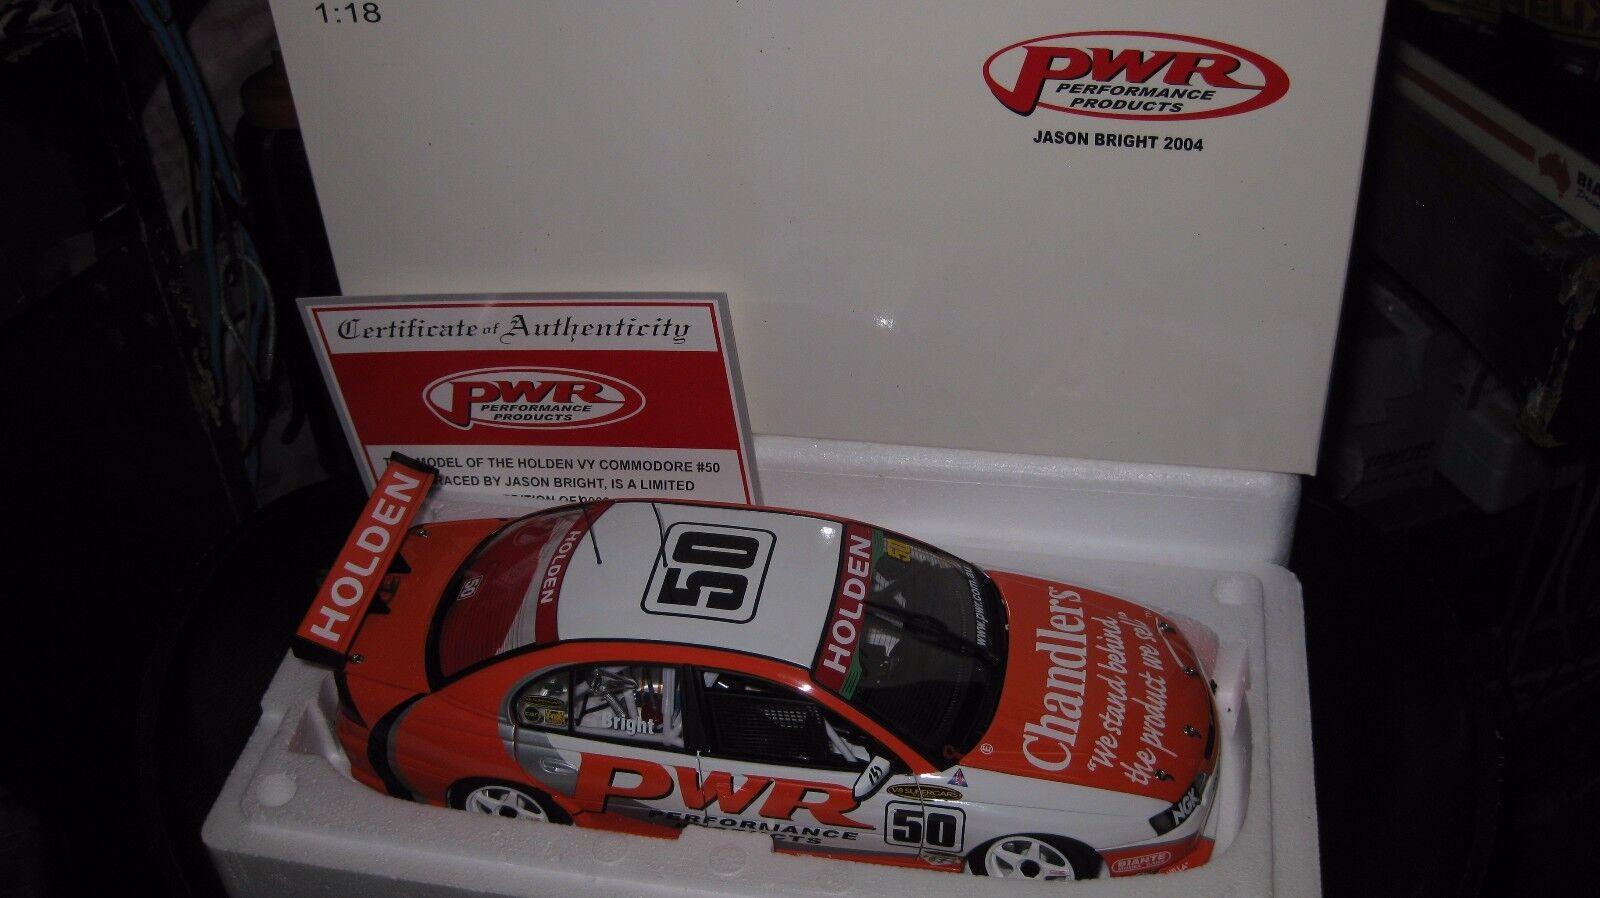 Autoart biante 1   18 holden von commodore jason helle pwr   50 2004   80467